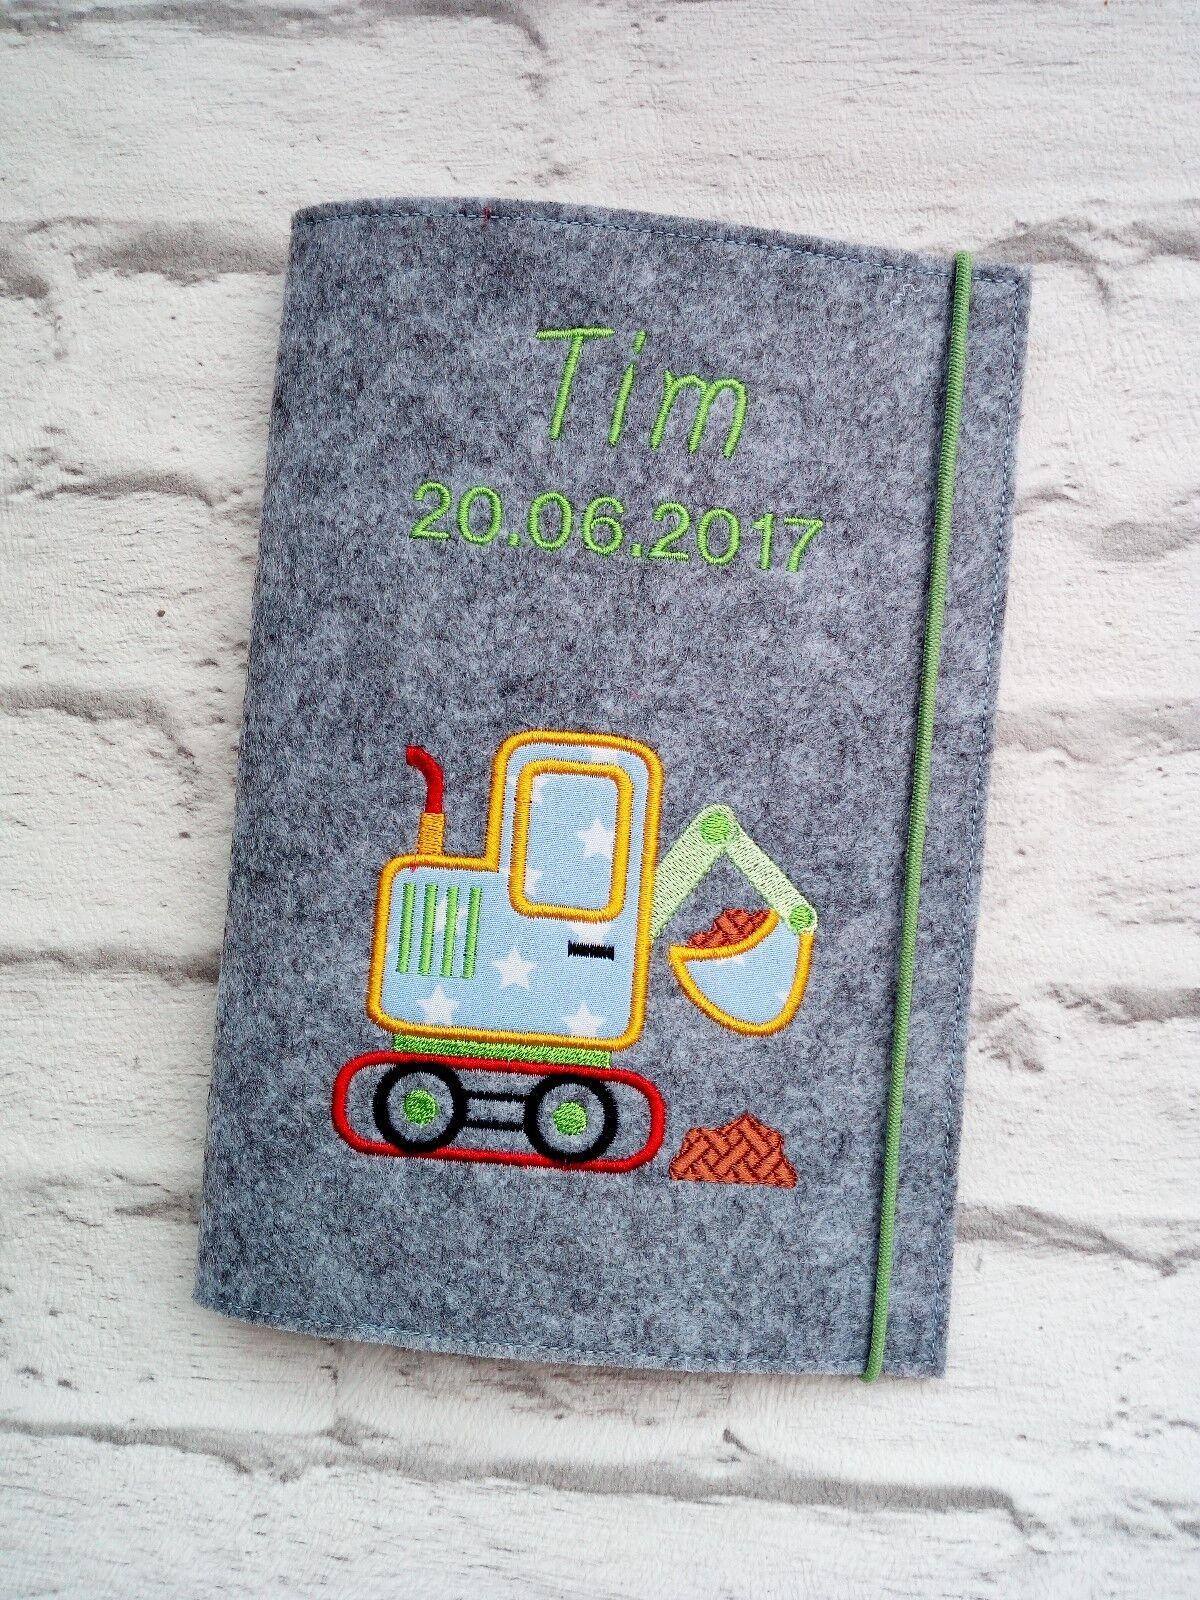 3 in 1 U Heft Hülle ❤ Untersuchungsheft ❤ Filz ❤ Bagger grün ❤ personalisiert